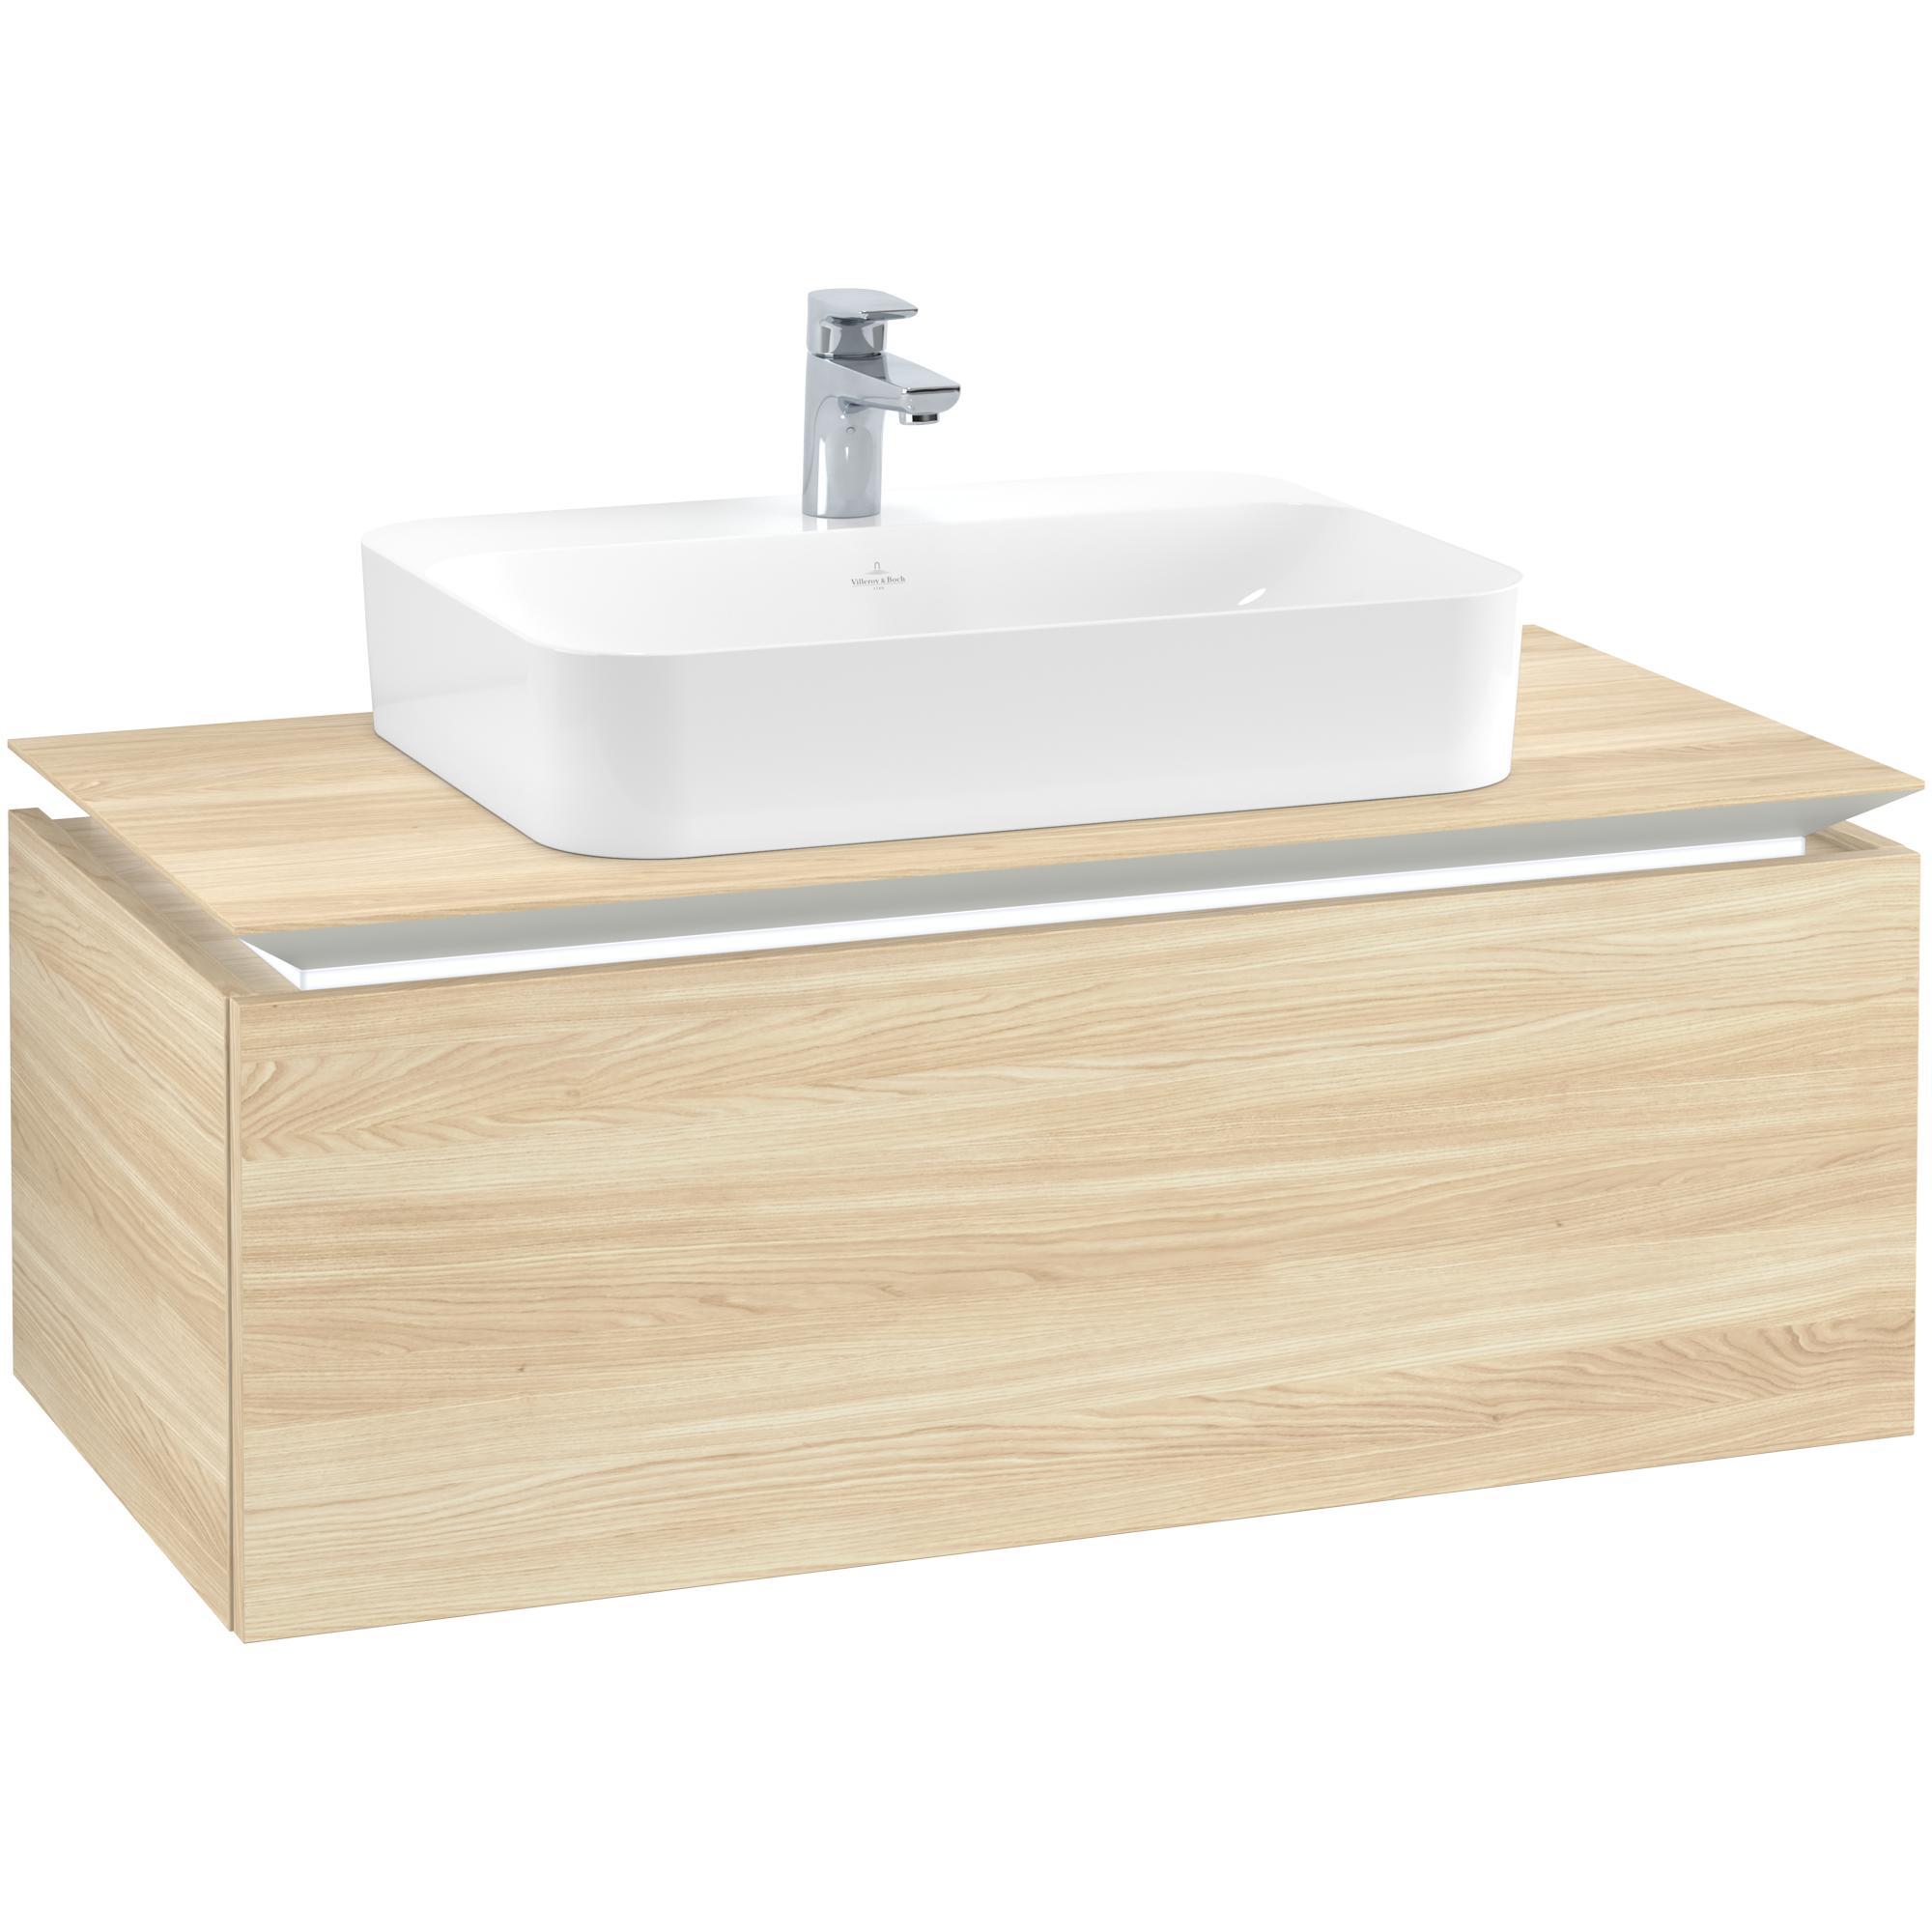 Tvättställsskåp Villeroy & Boch Legato Kompakt med 1 Låda för Ytmonterat Tvättställ från Finion & Memento